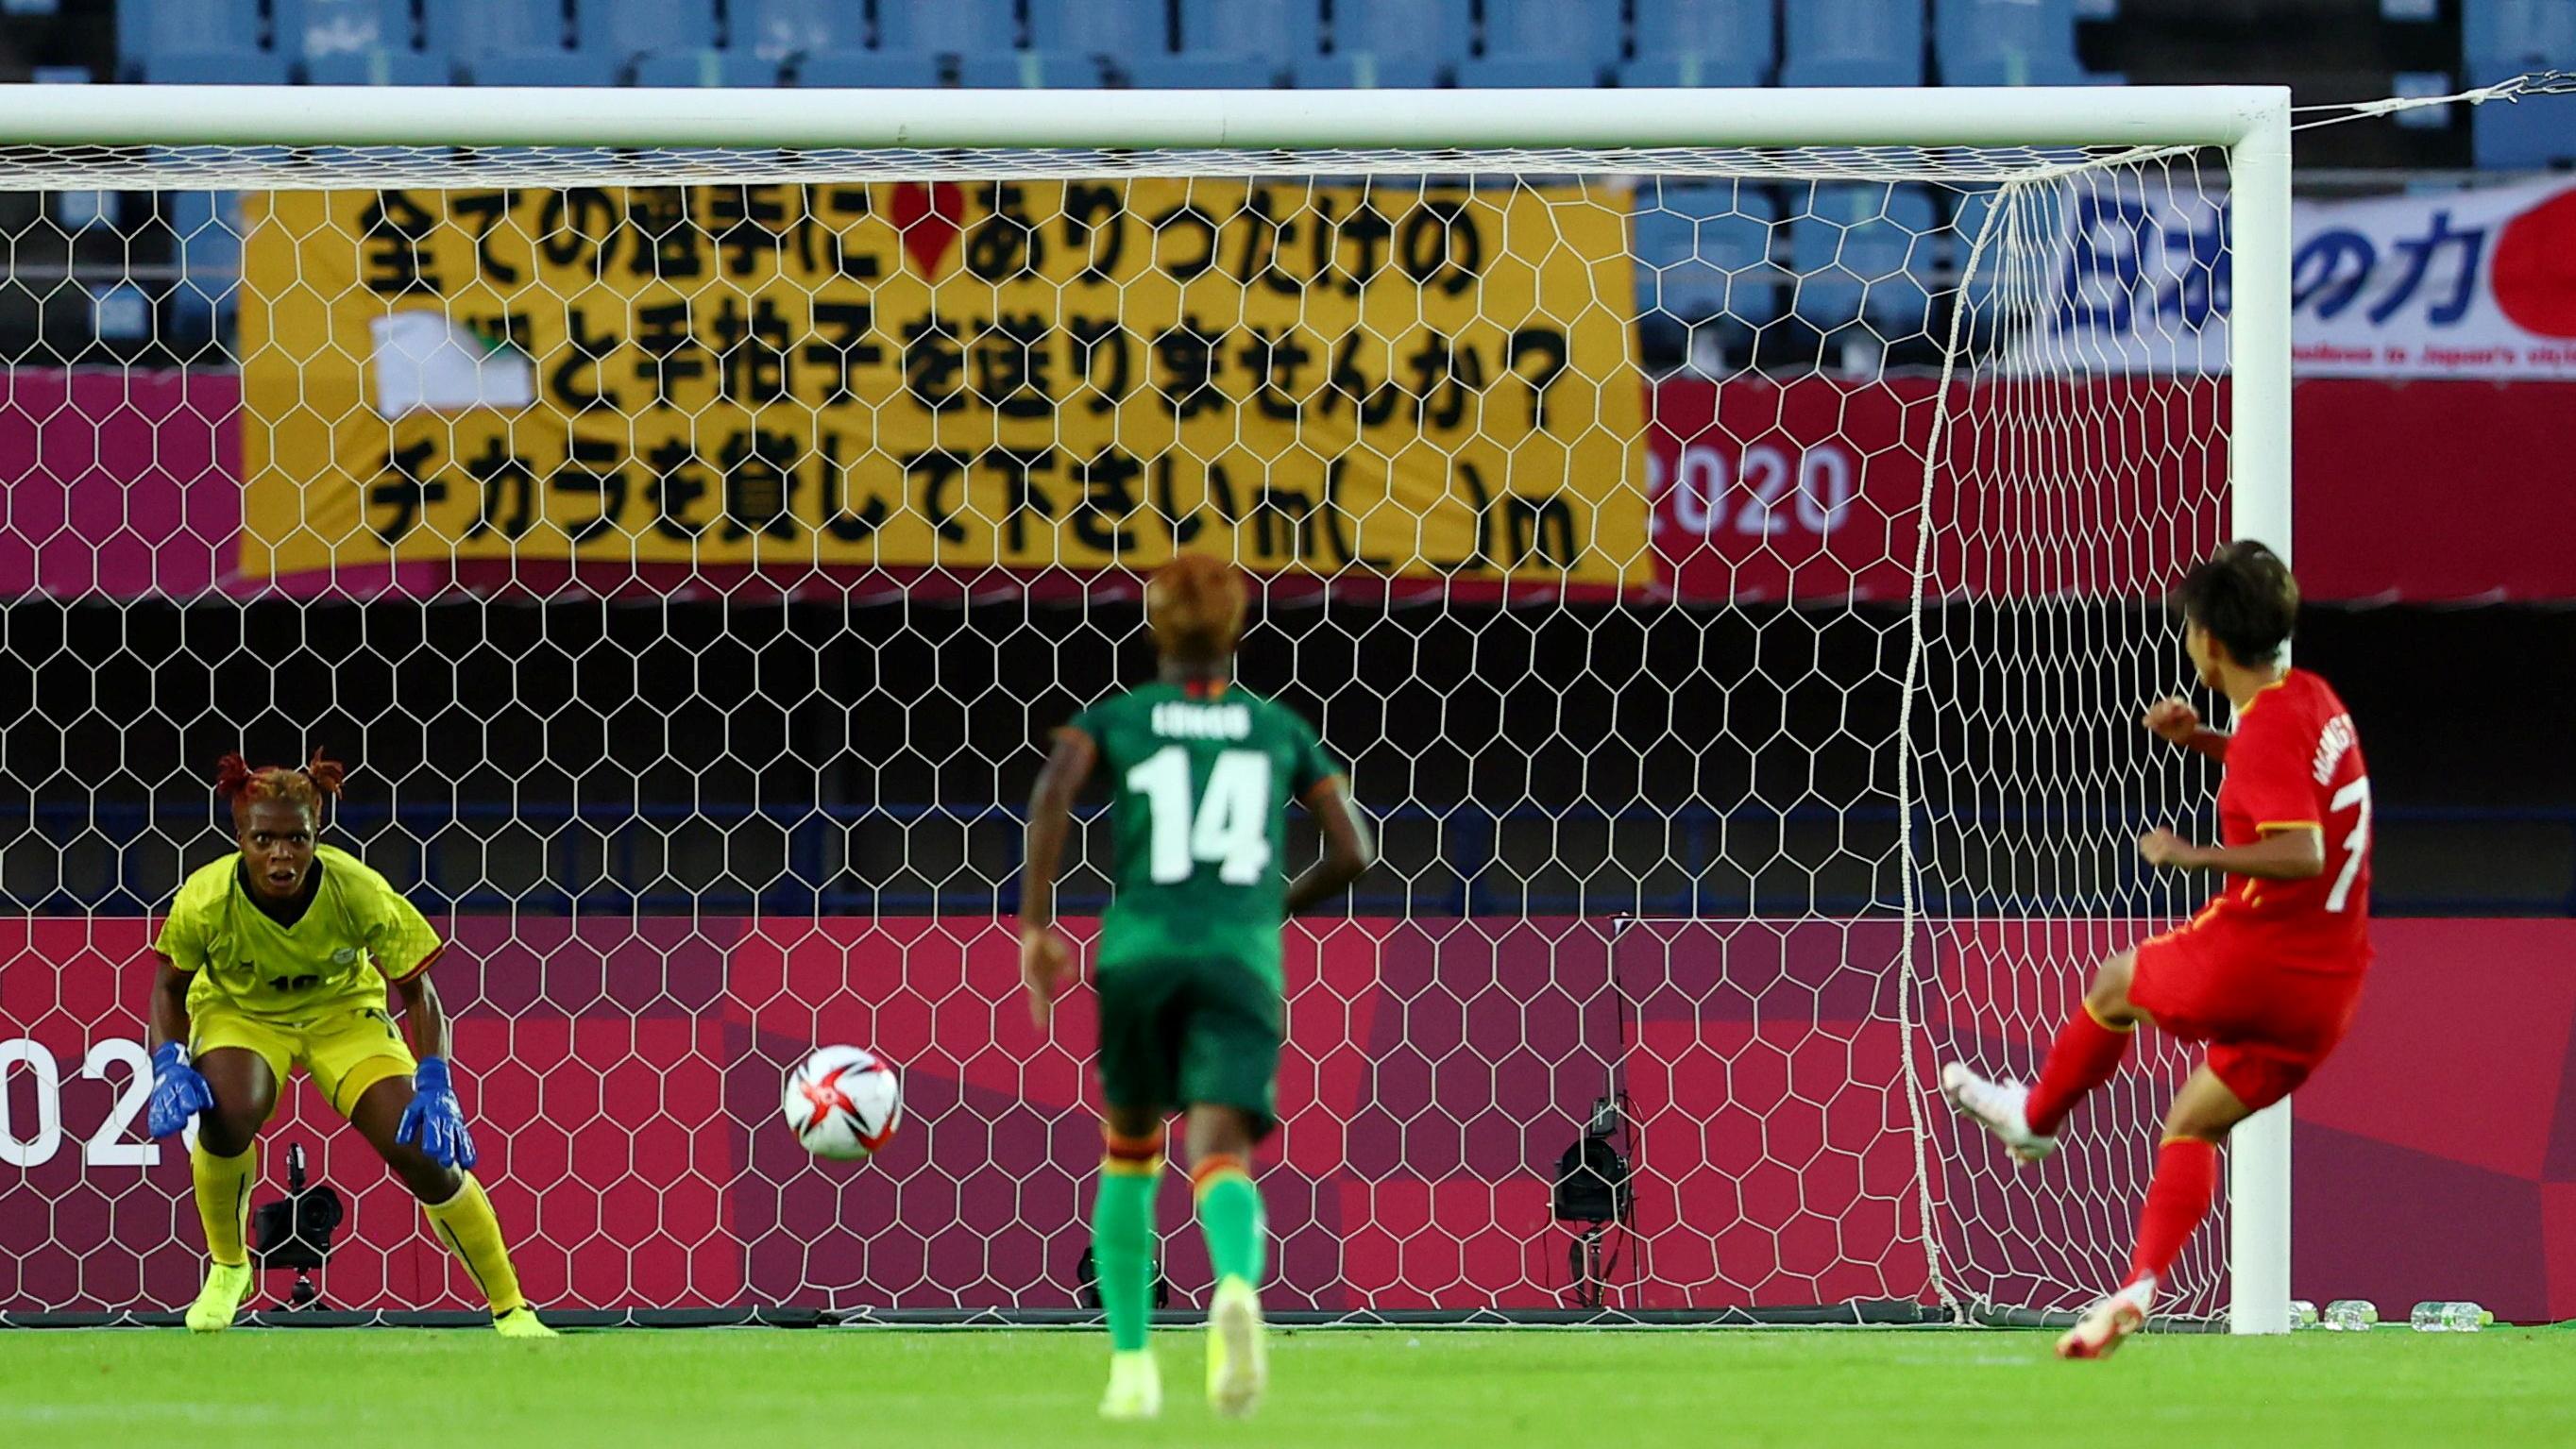 Tokyo 2020 Olympics - Soccer Football - Women - Group F - China v Zambia - Miyagi Stadium, Miyagi, Japan - July 24, 2021. Wang Shuang of China scores their fourth goal from the penalty spot REUTERS/Amr Abdallah Dalsh